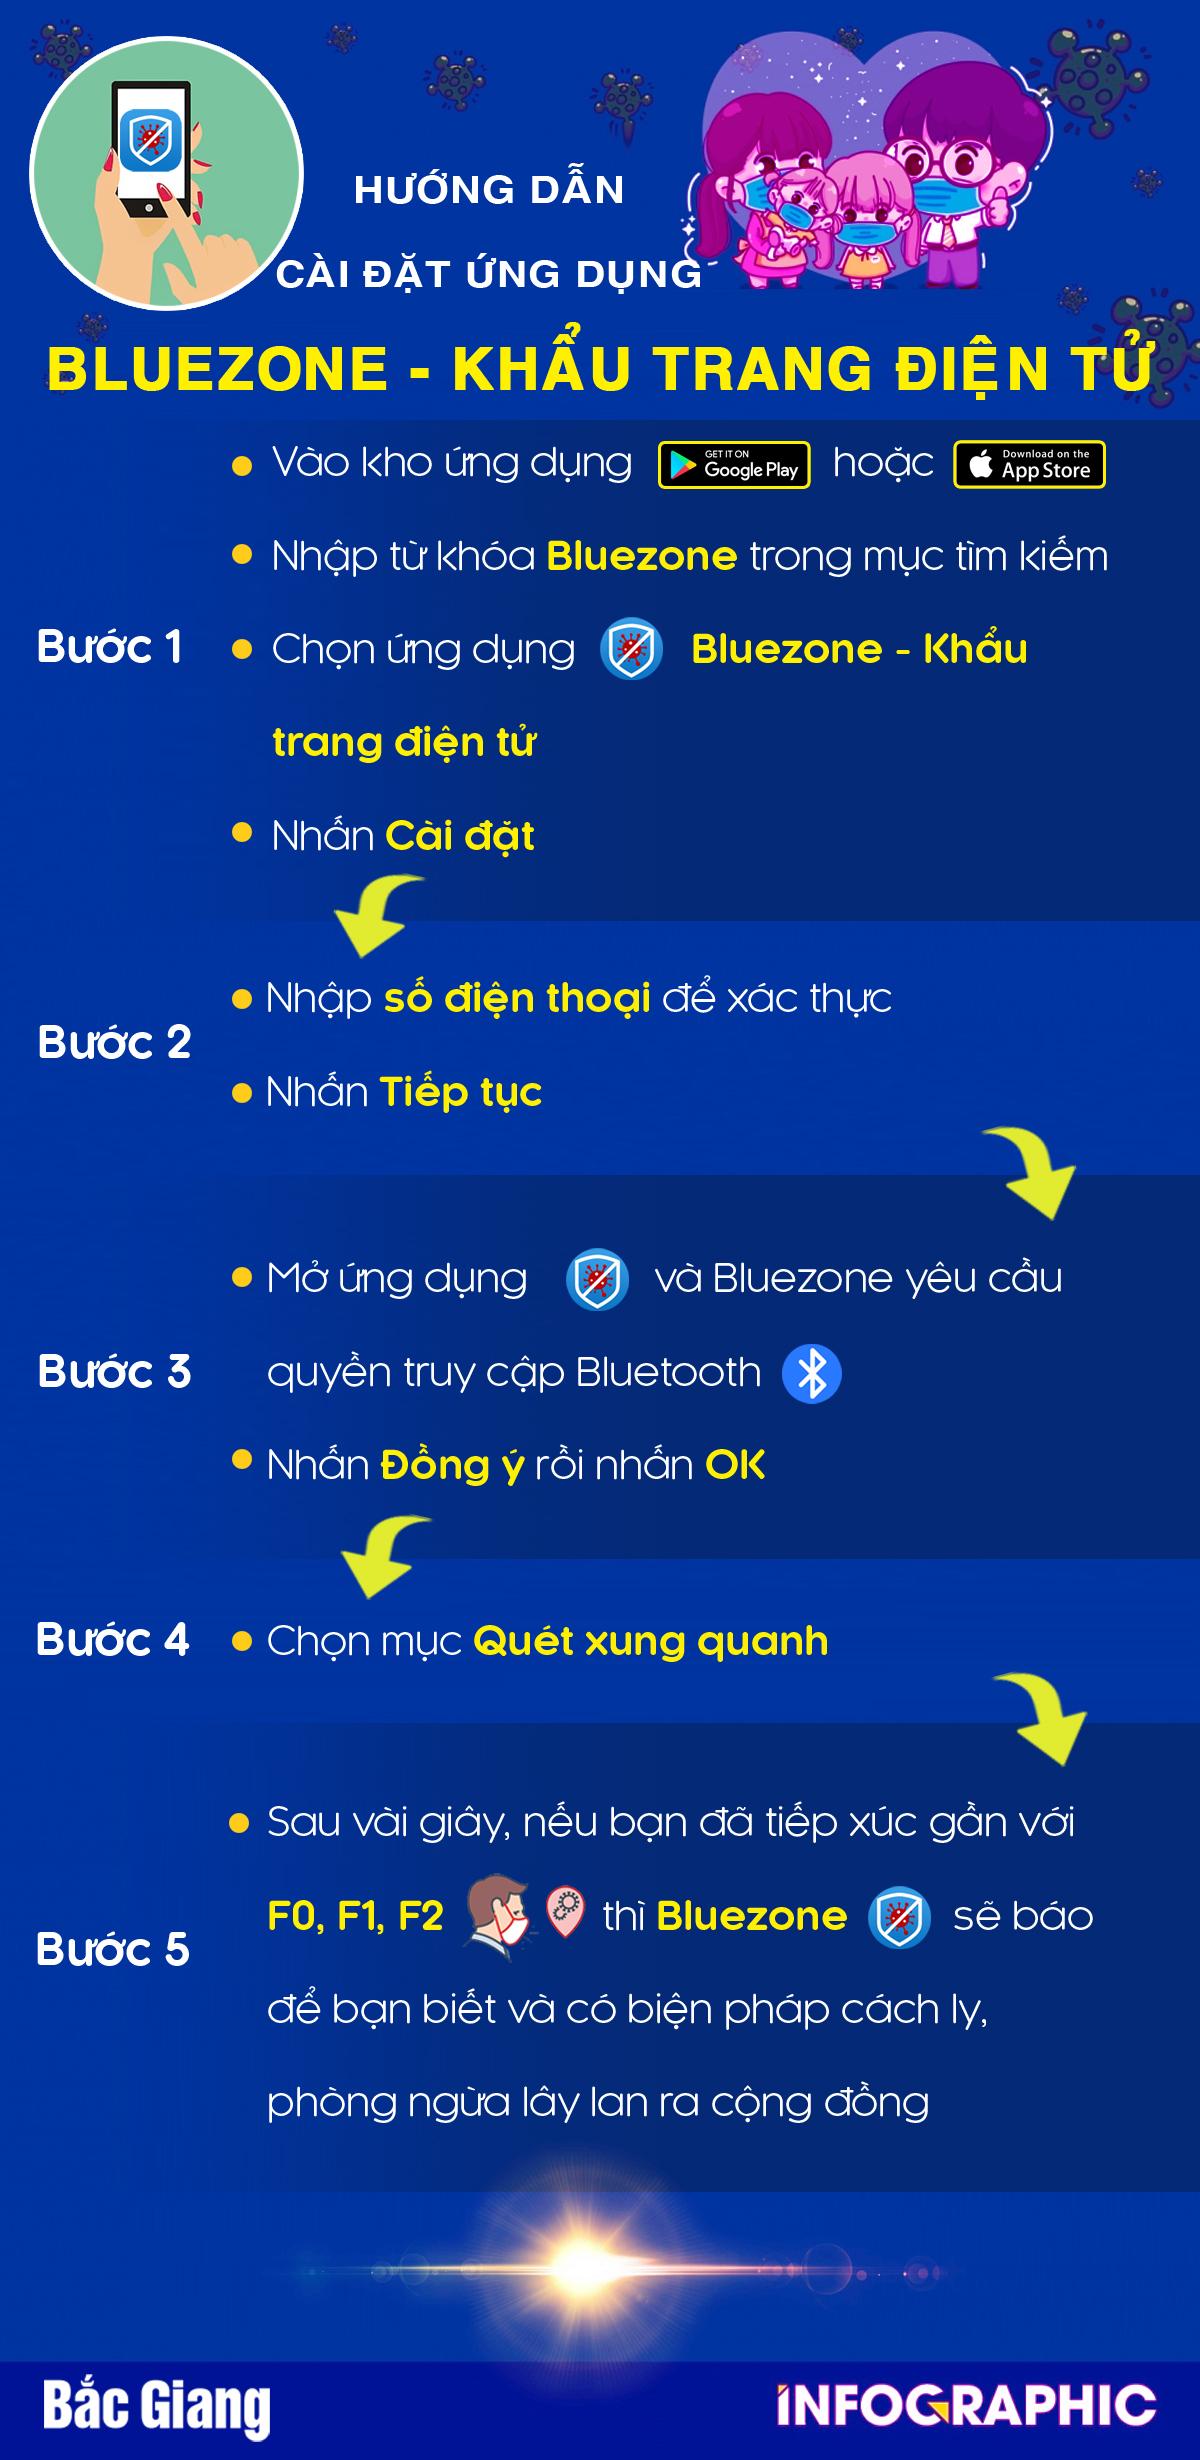 cài đặt Bluezone, ứng dụng Bluezone, sử dụng Bluezone